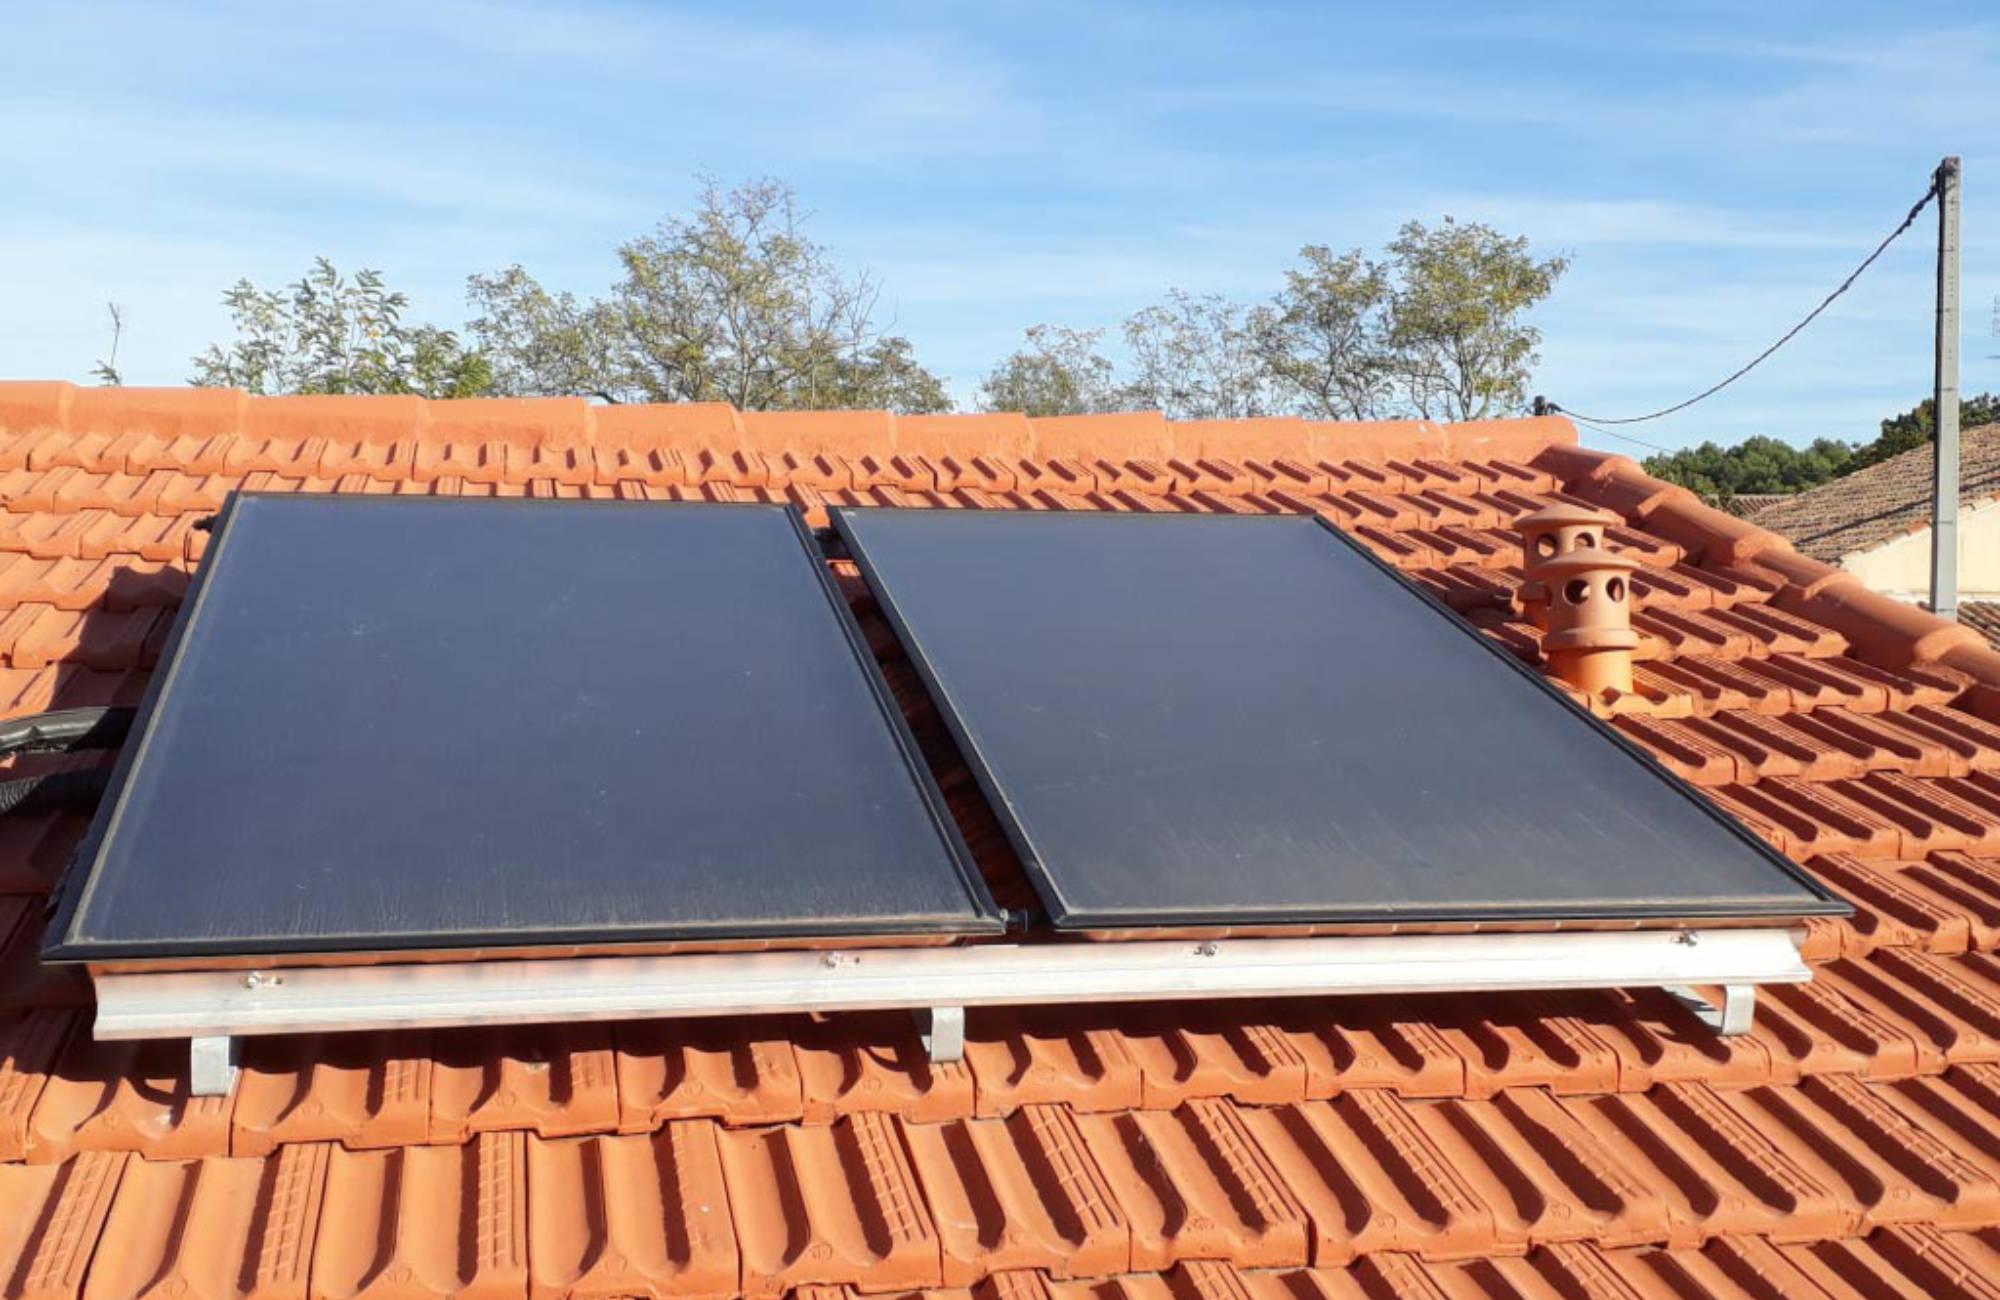 Les composants du Chauffe-eau solaire individuel (CESI)